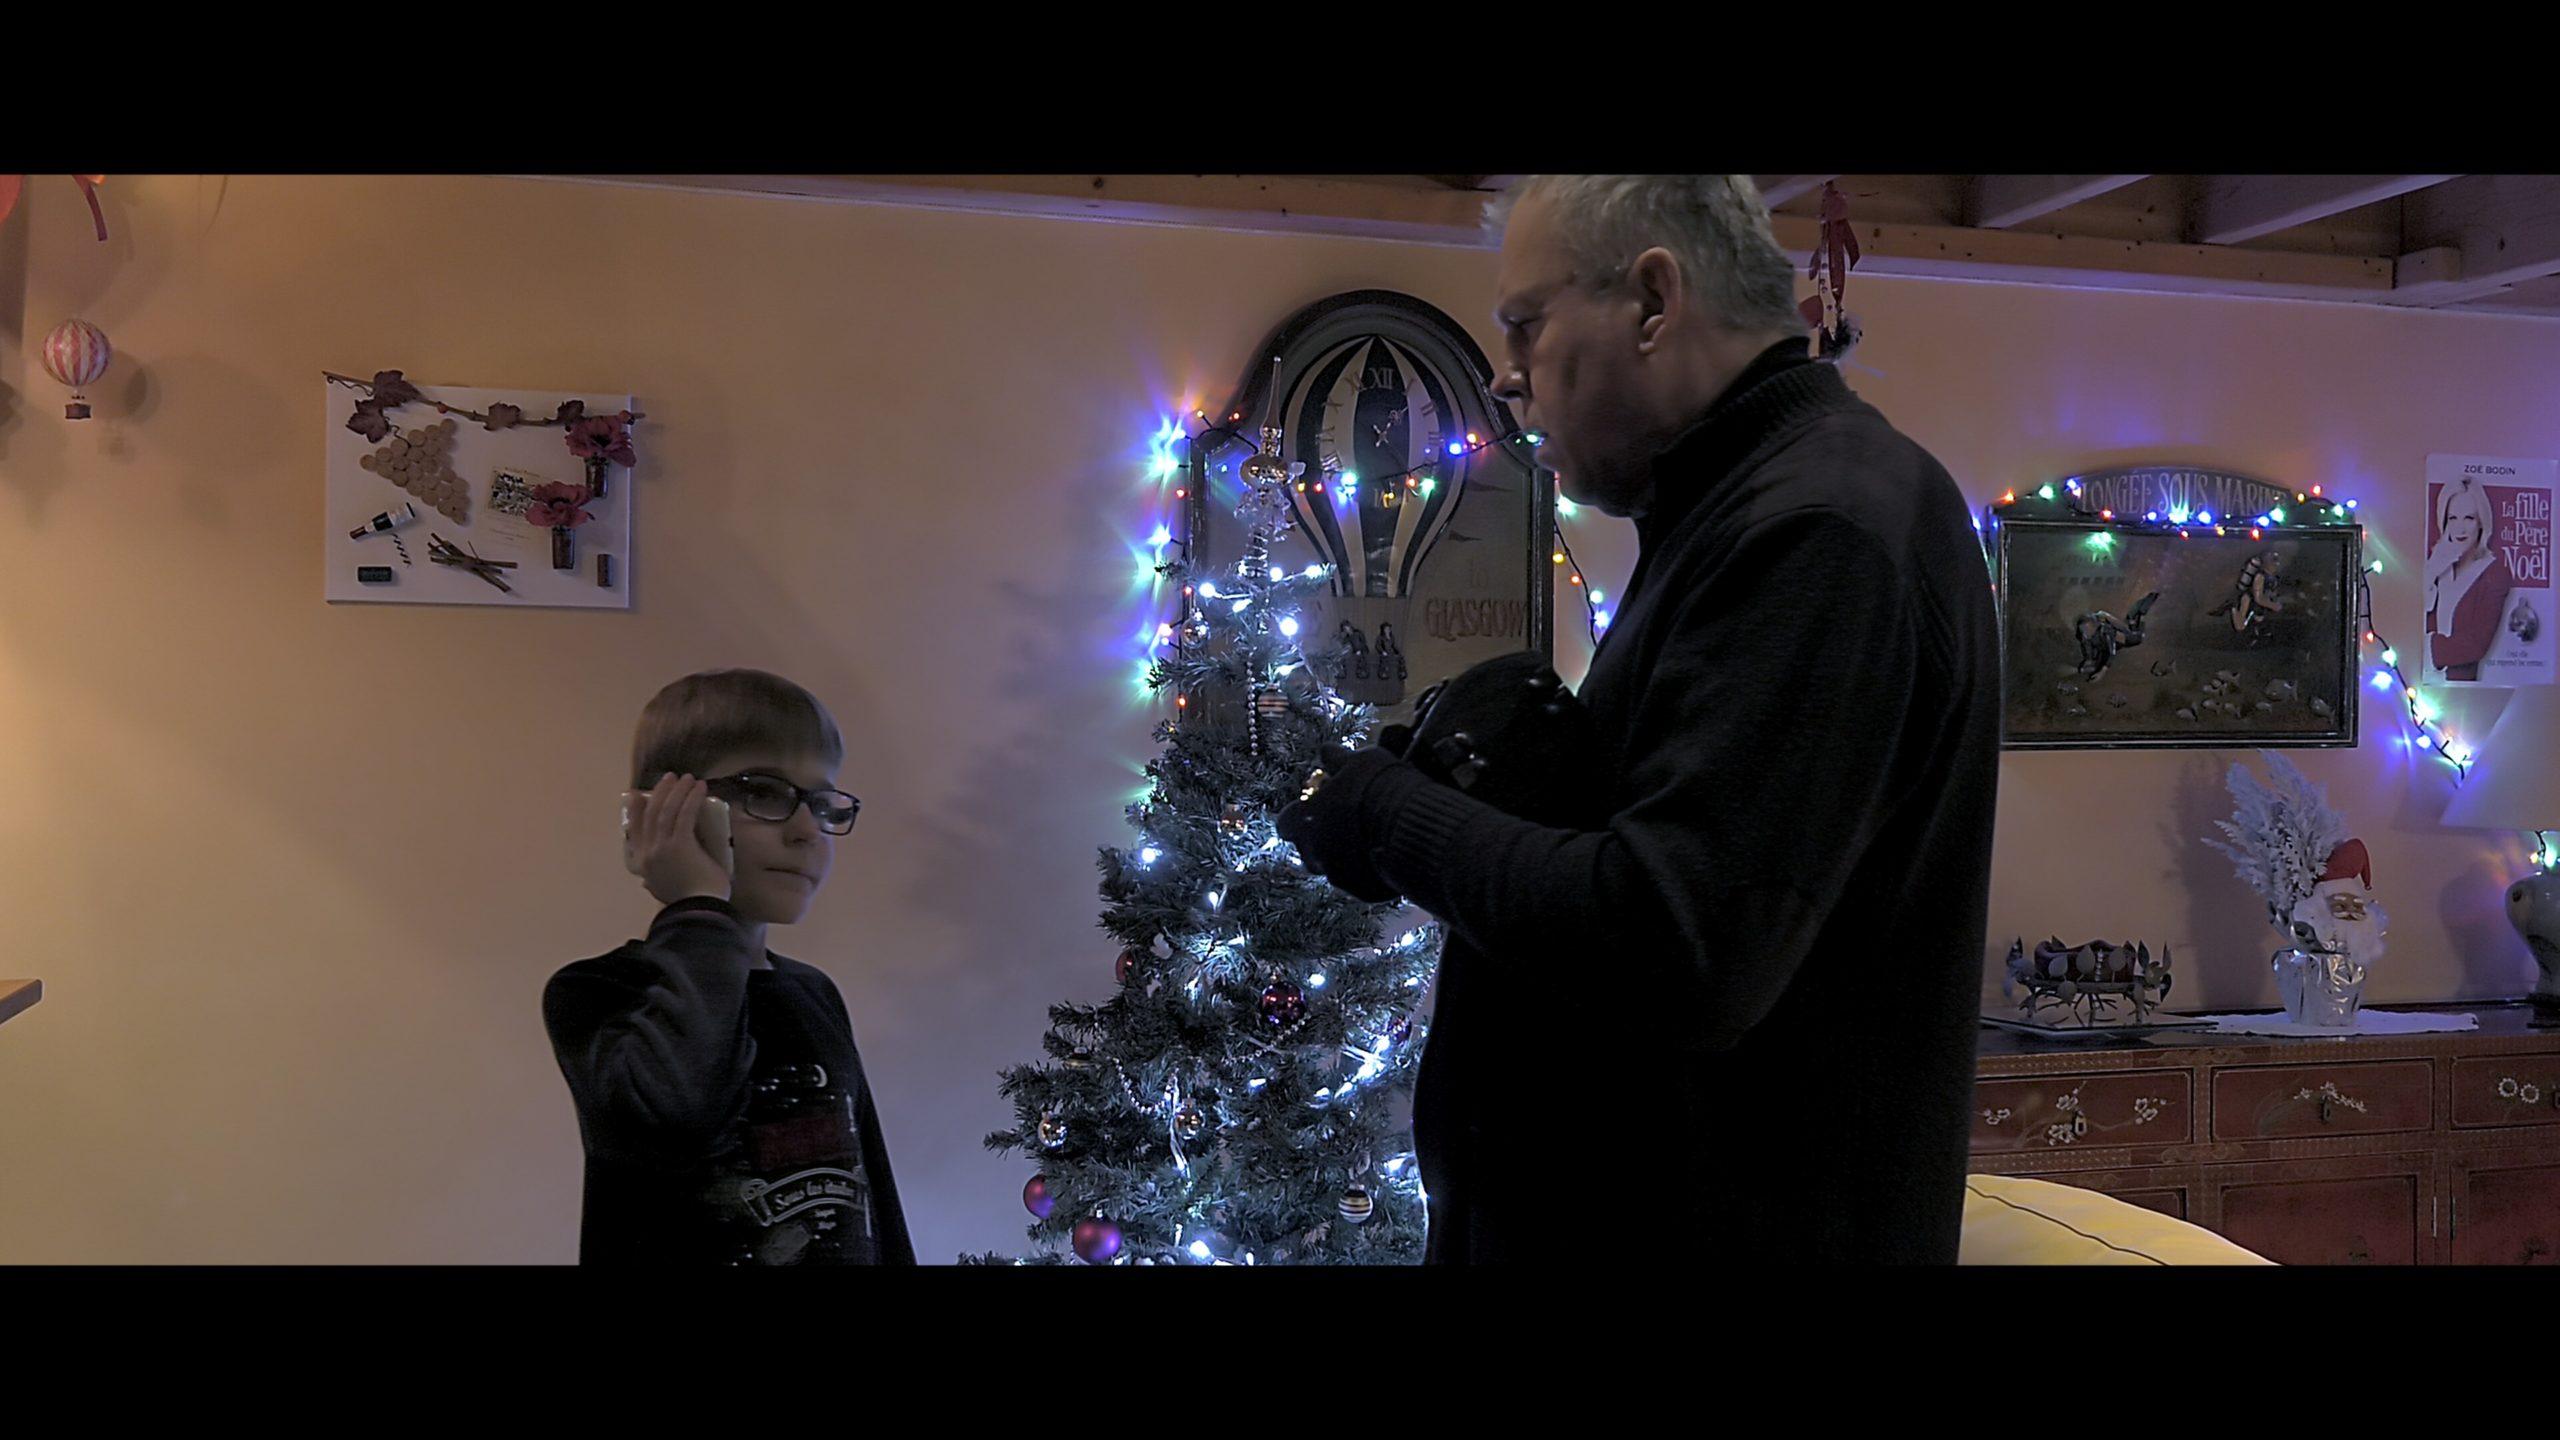 Noel vole les tontons cadreurs 18